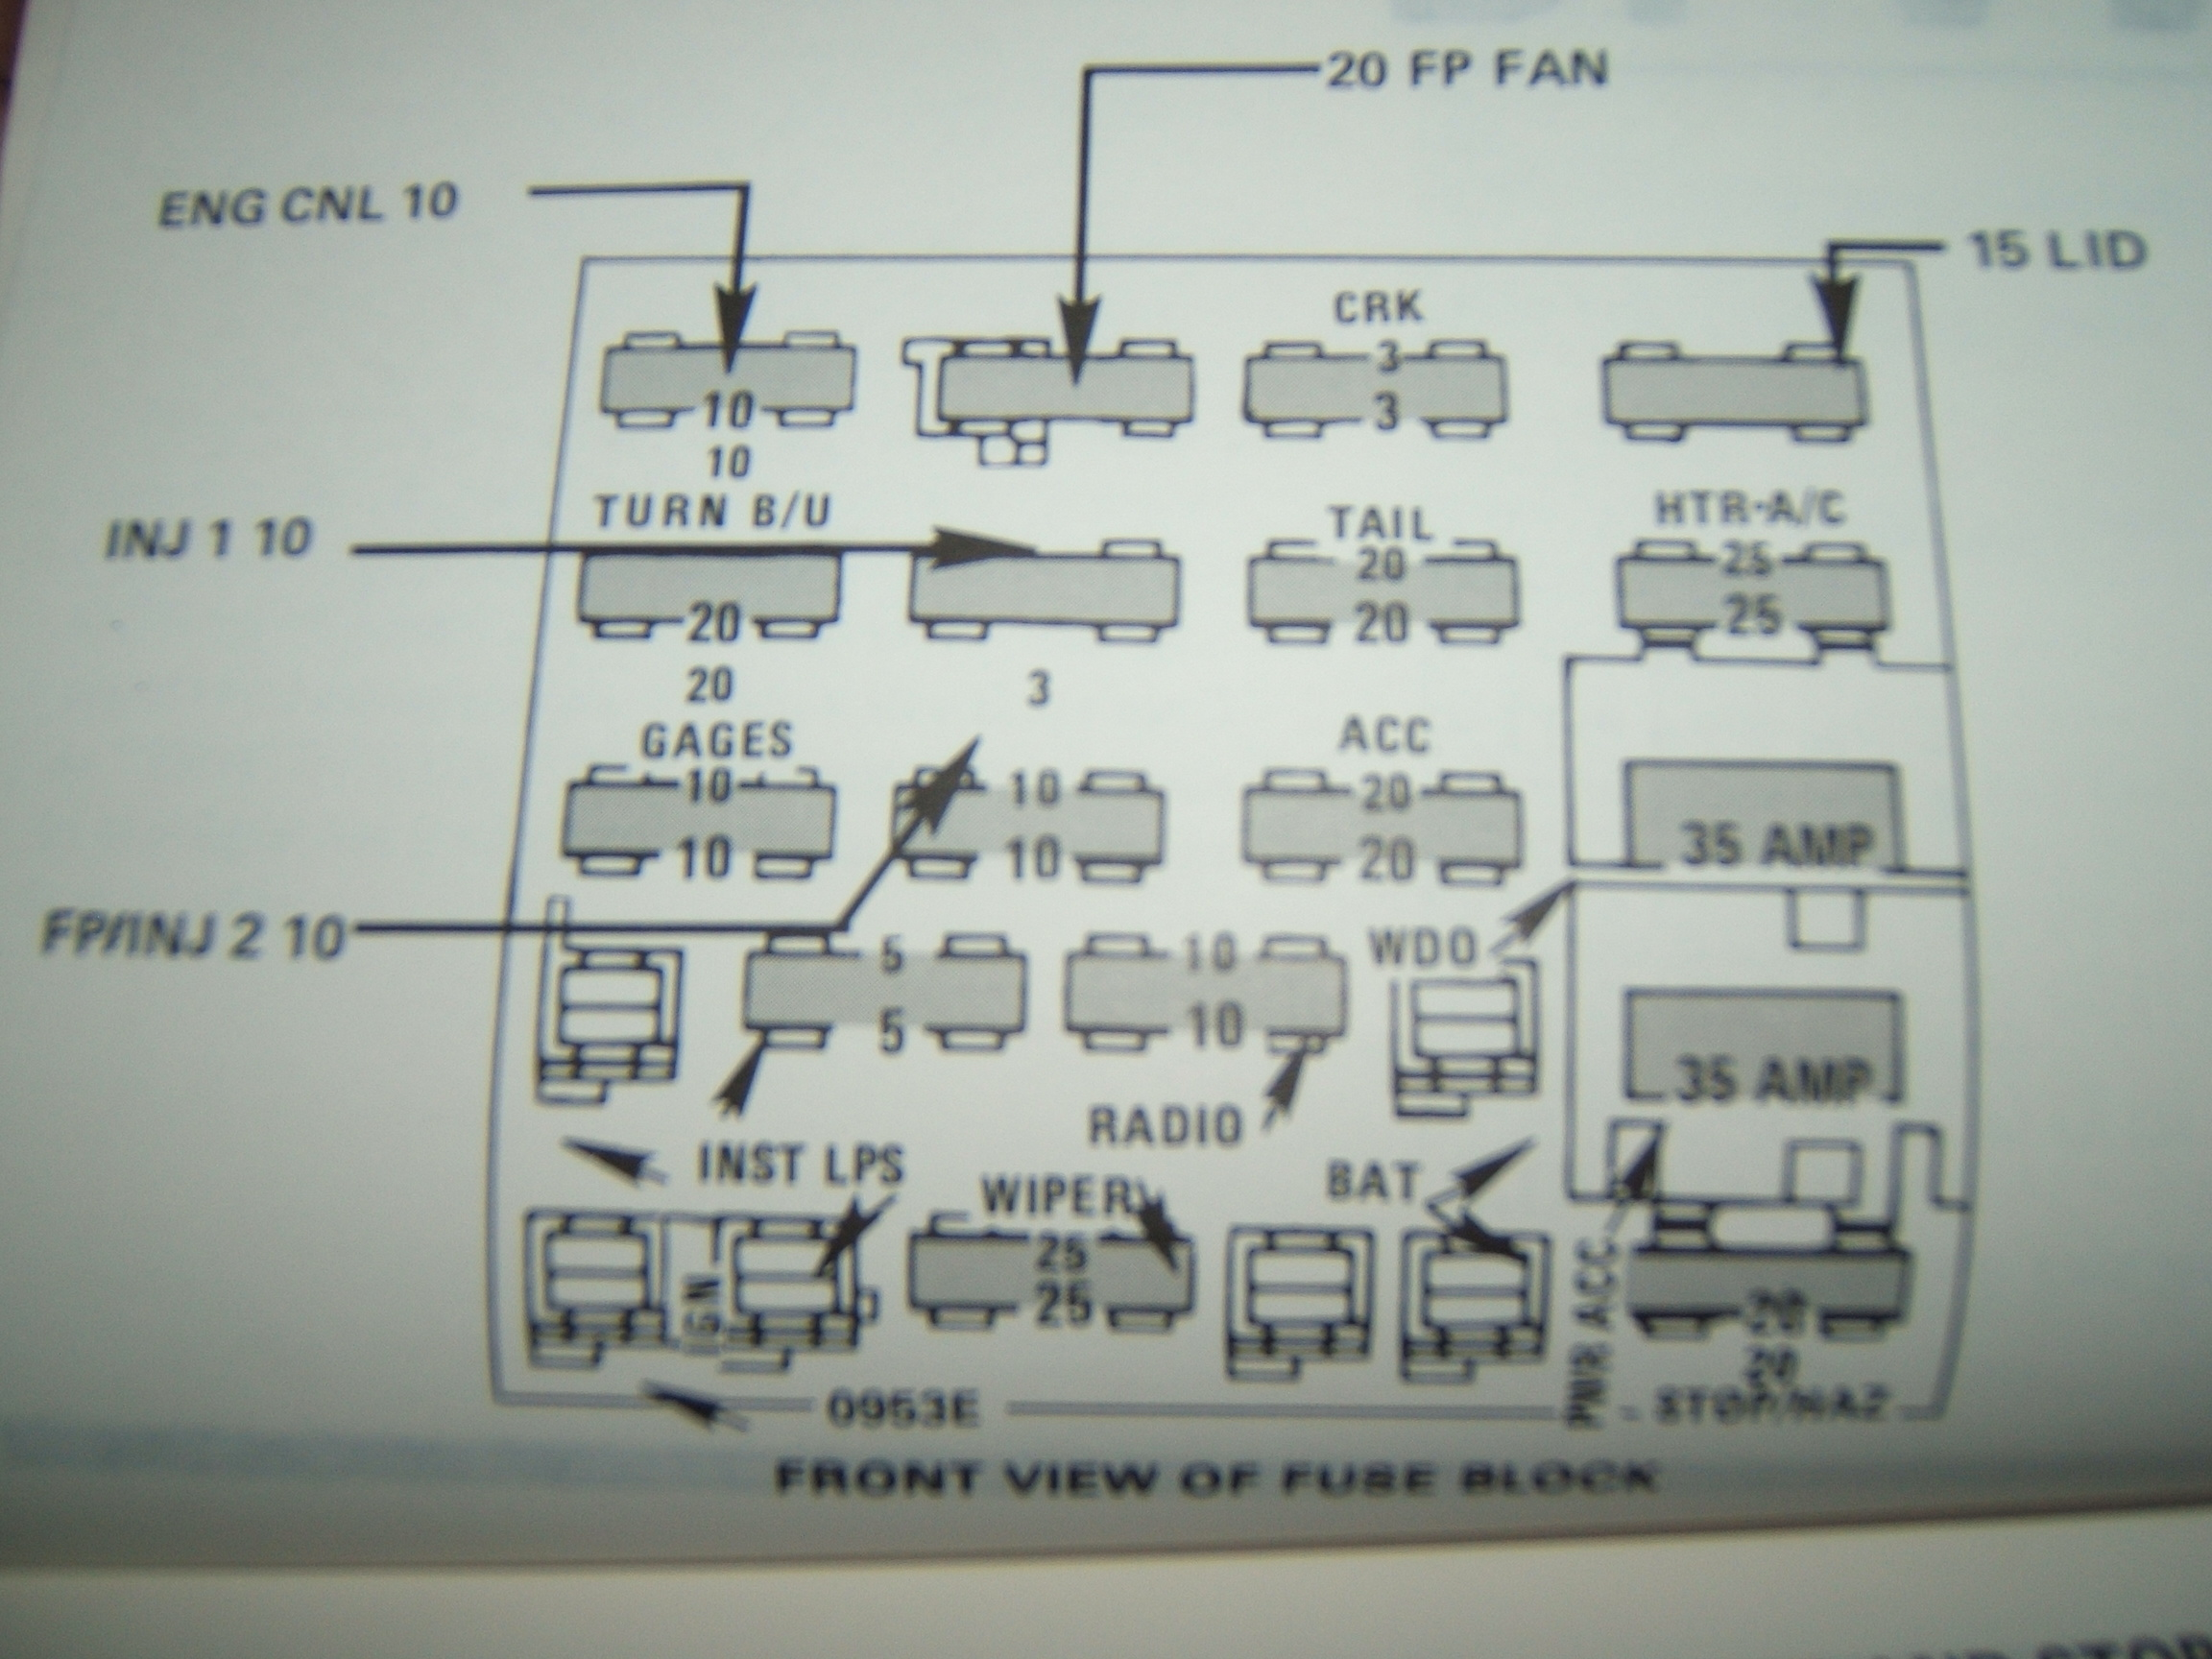 1989 camaro fuse box location 29 wiring diagram images